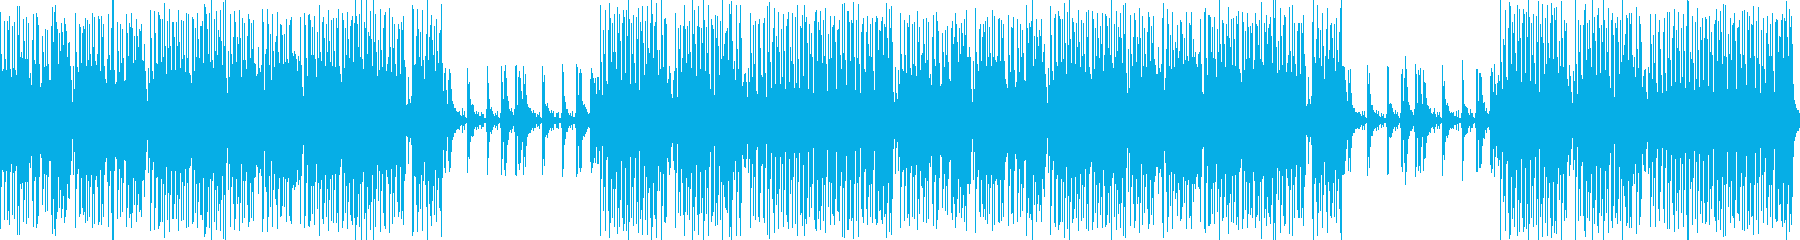 和風 お祭り 生演奏三味線_笛_太鼓 の再生済みの波形